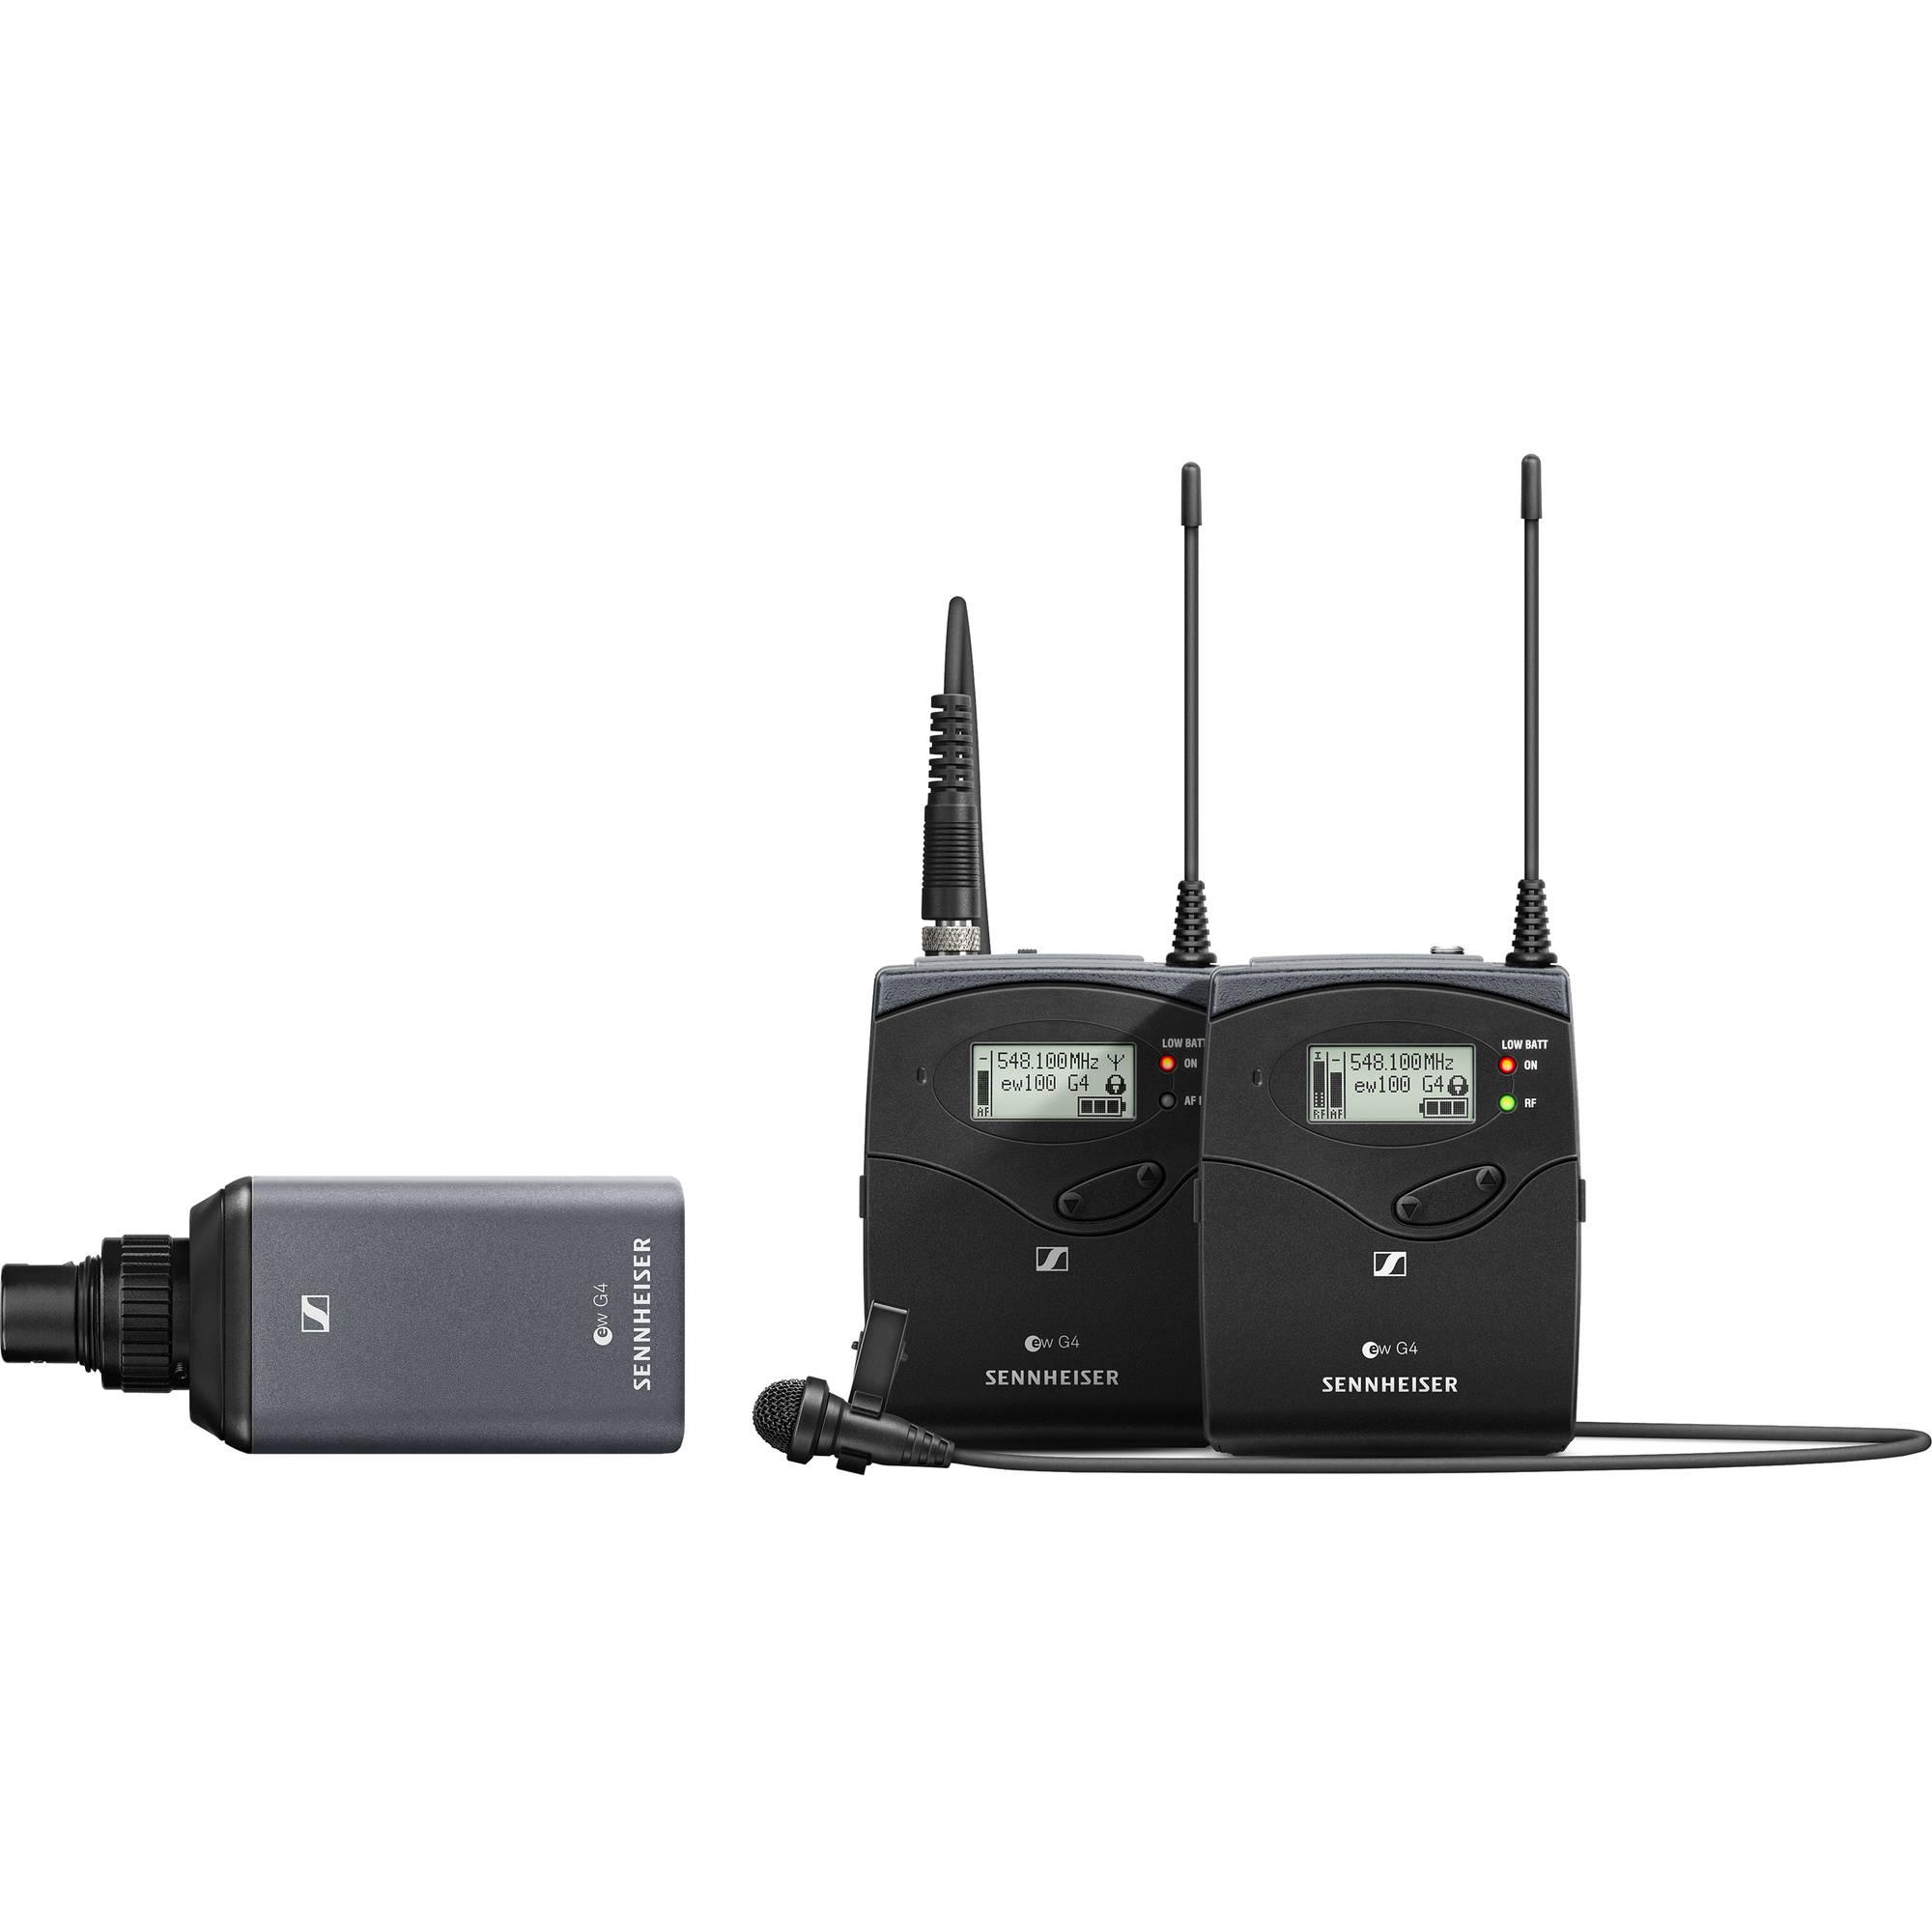 4x Pocket Belt Clips Für Sennheiser EW500 G1 G2 G3 Bodypack Transmitter